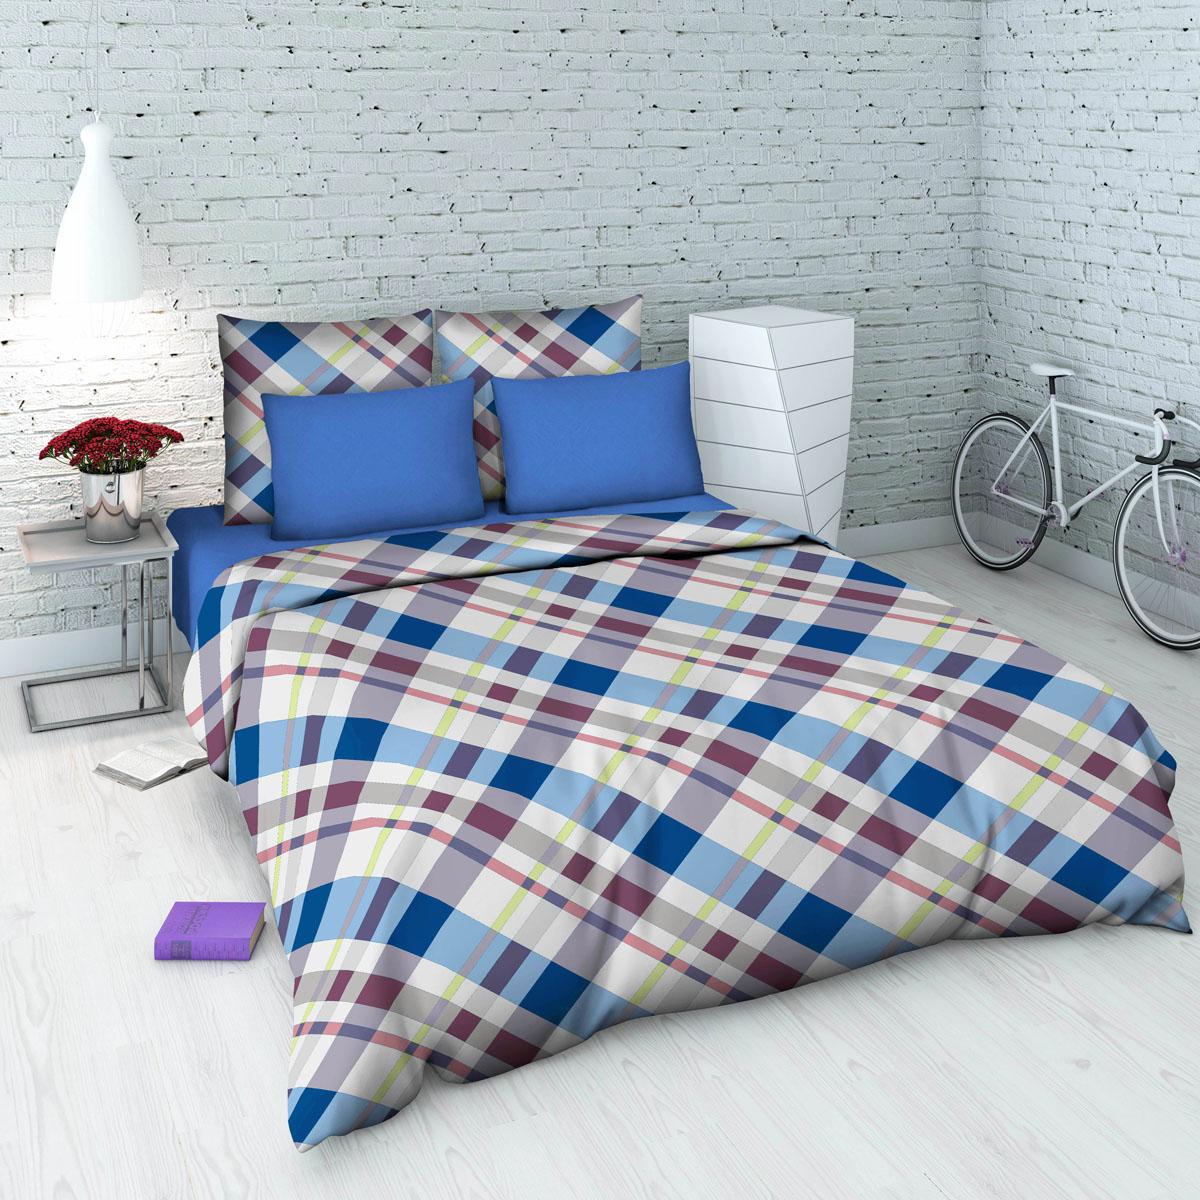 Комплект белья Василиса, 1,5-спальный, наволочки 70х70, цвет: голубой, белый. 5345_1/1,55345_1/1,5Комплект постельного белья Василиса состоит из пододеяльника, простыни и двух наволочек. Белье изготовлено из бязи (100% хлопка) - гипоаллергенного, экологичного, высококачественного, крупнозакрученного волокна. Использование особо тонкой пряжи делает ткань мягче на ощупь, обеспечивает легкое глажение и позволяет передать всю насыщенность цветовой гаммы. Благодаря более плотному переплетению нитей и использованию высококачественных импортных красителей постельное белье выдерживает до 70 стирок. На ткани не образуются катышки. Способ застегивания наволочки - клапан, пододеяльника - отверстие без застежки по краю изделия с подвернутым краем.Приобретая комплект постельного белья Василиса, вы можете быть уверены в том, что покупка доставит вам удовольствие и подарит максимальный комфорт.